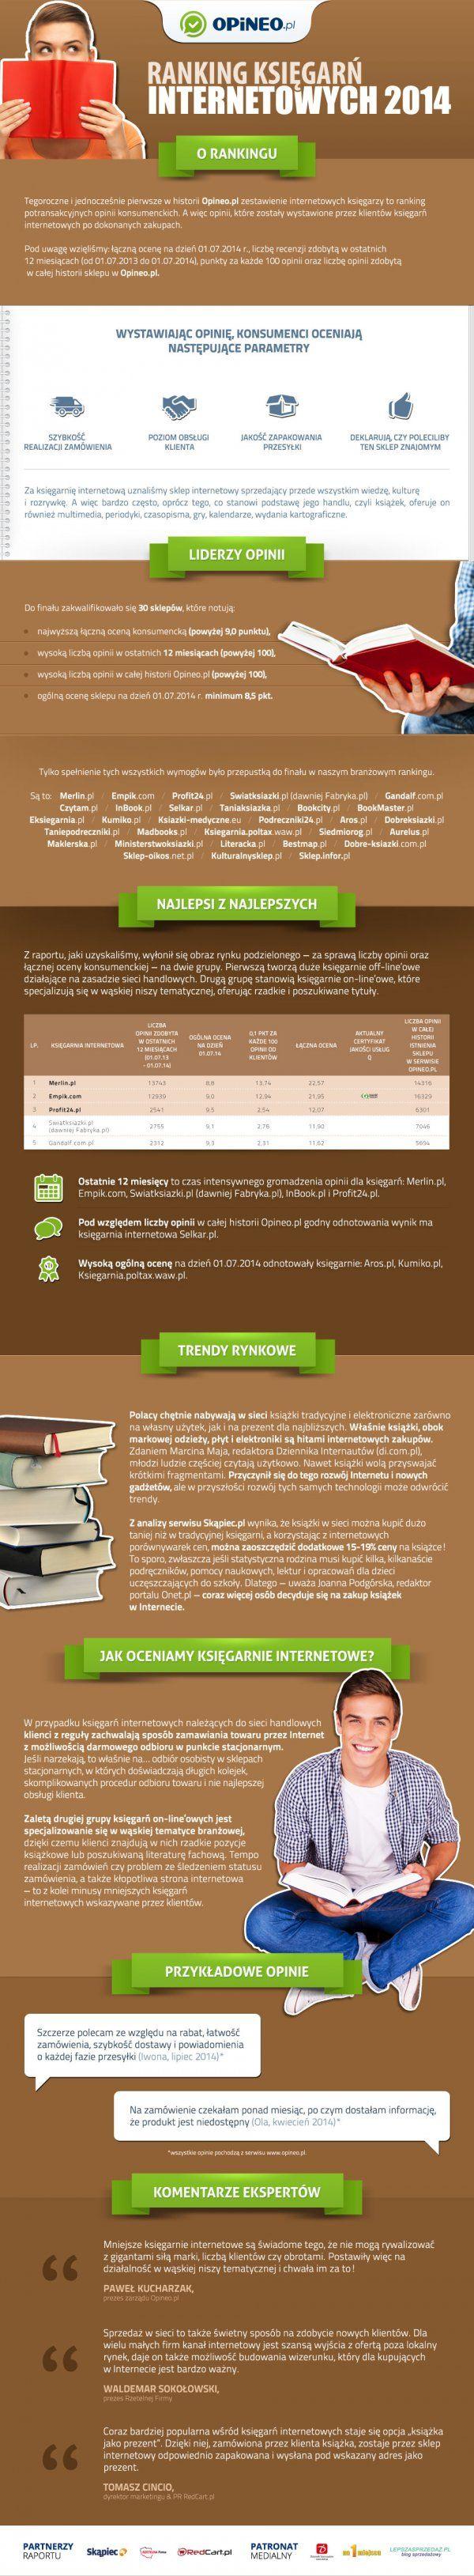 księgarnie internetowe http://di.com.pl/news/50408,0,Najbardziej_polecane_ksiegarnie_internetowe-Krzysztof_Gontarek.html